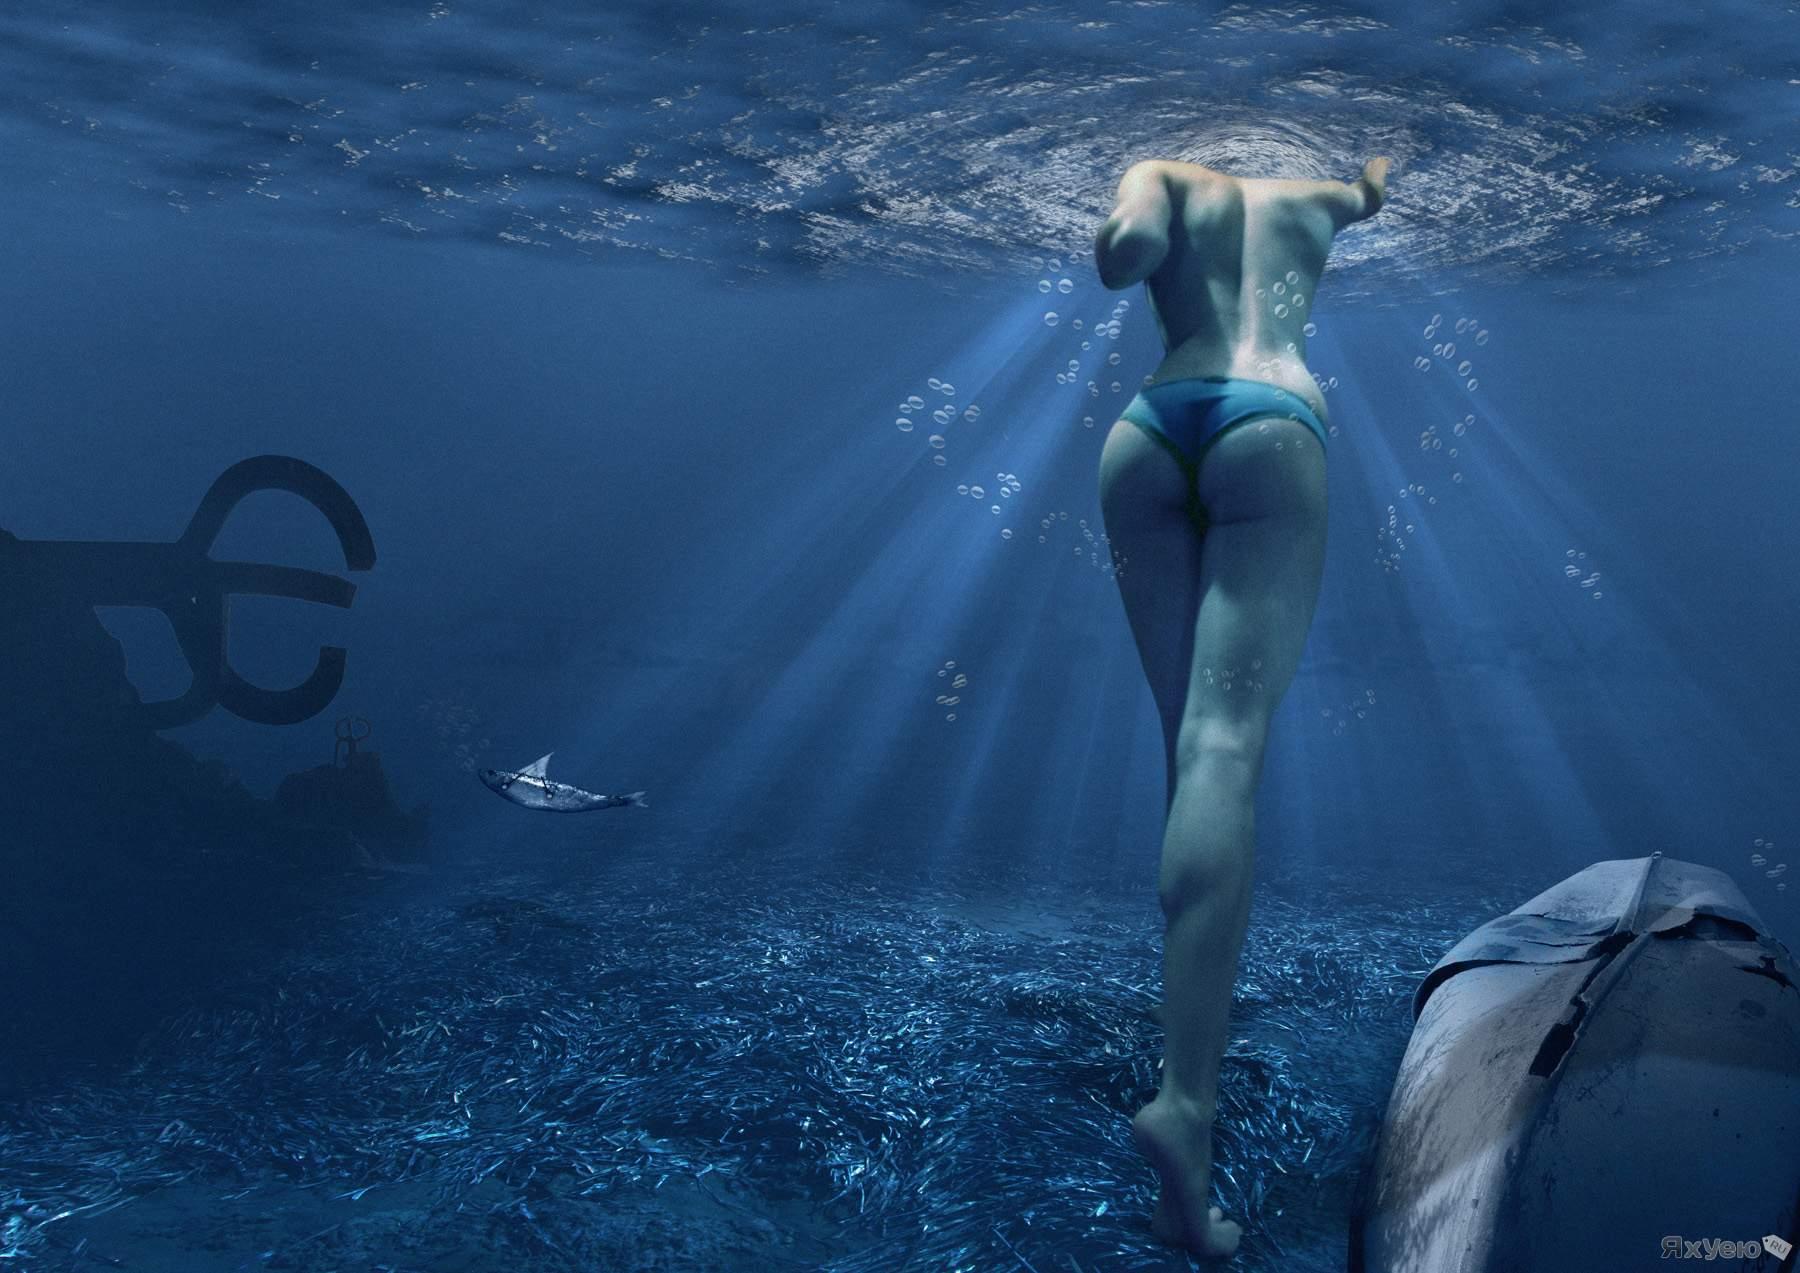 частные фото девушек в купальниках под водой